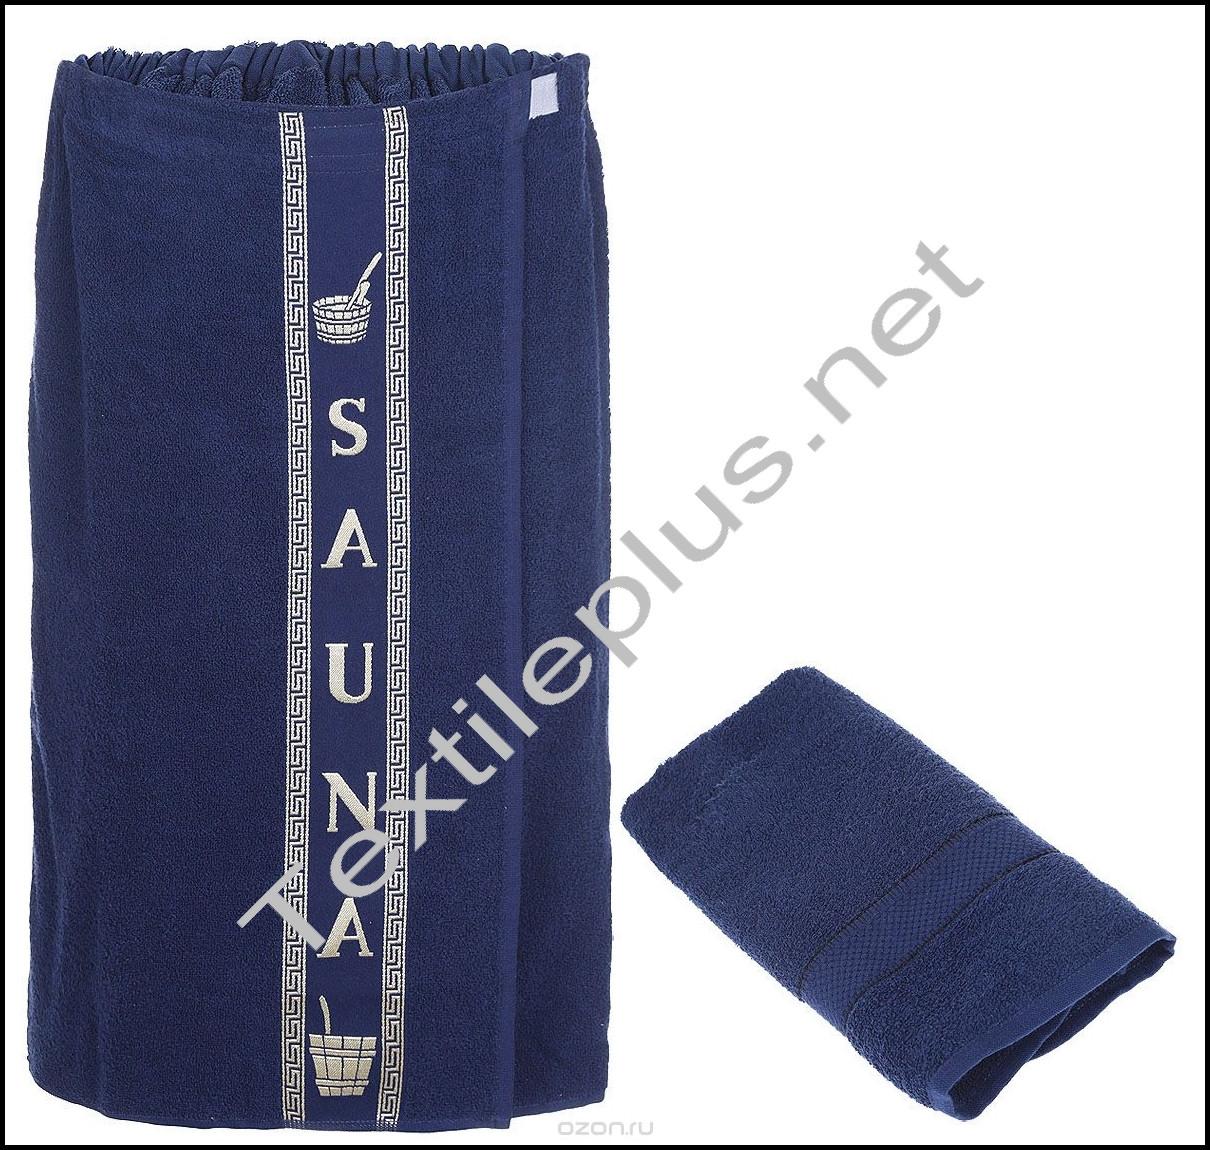 Мужской набор для бани синий  Merzuka - Textile plus в Хмельницком